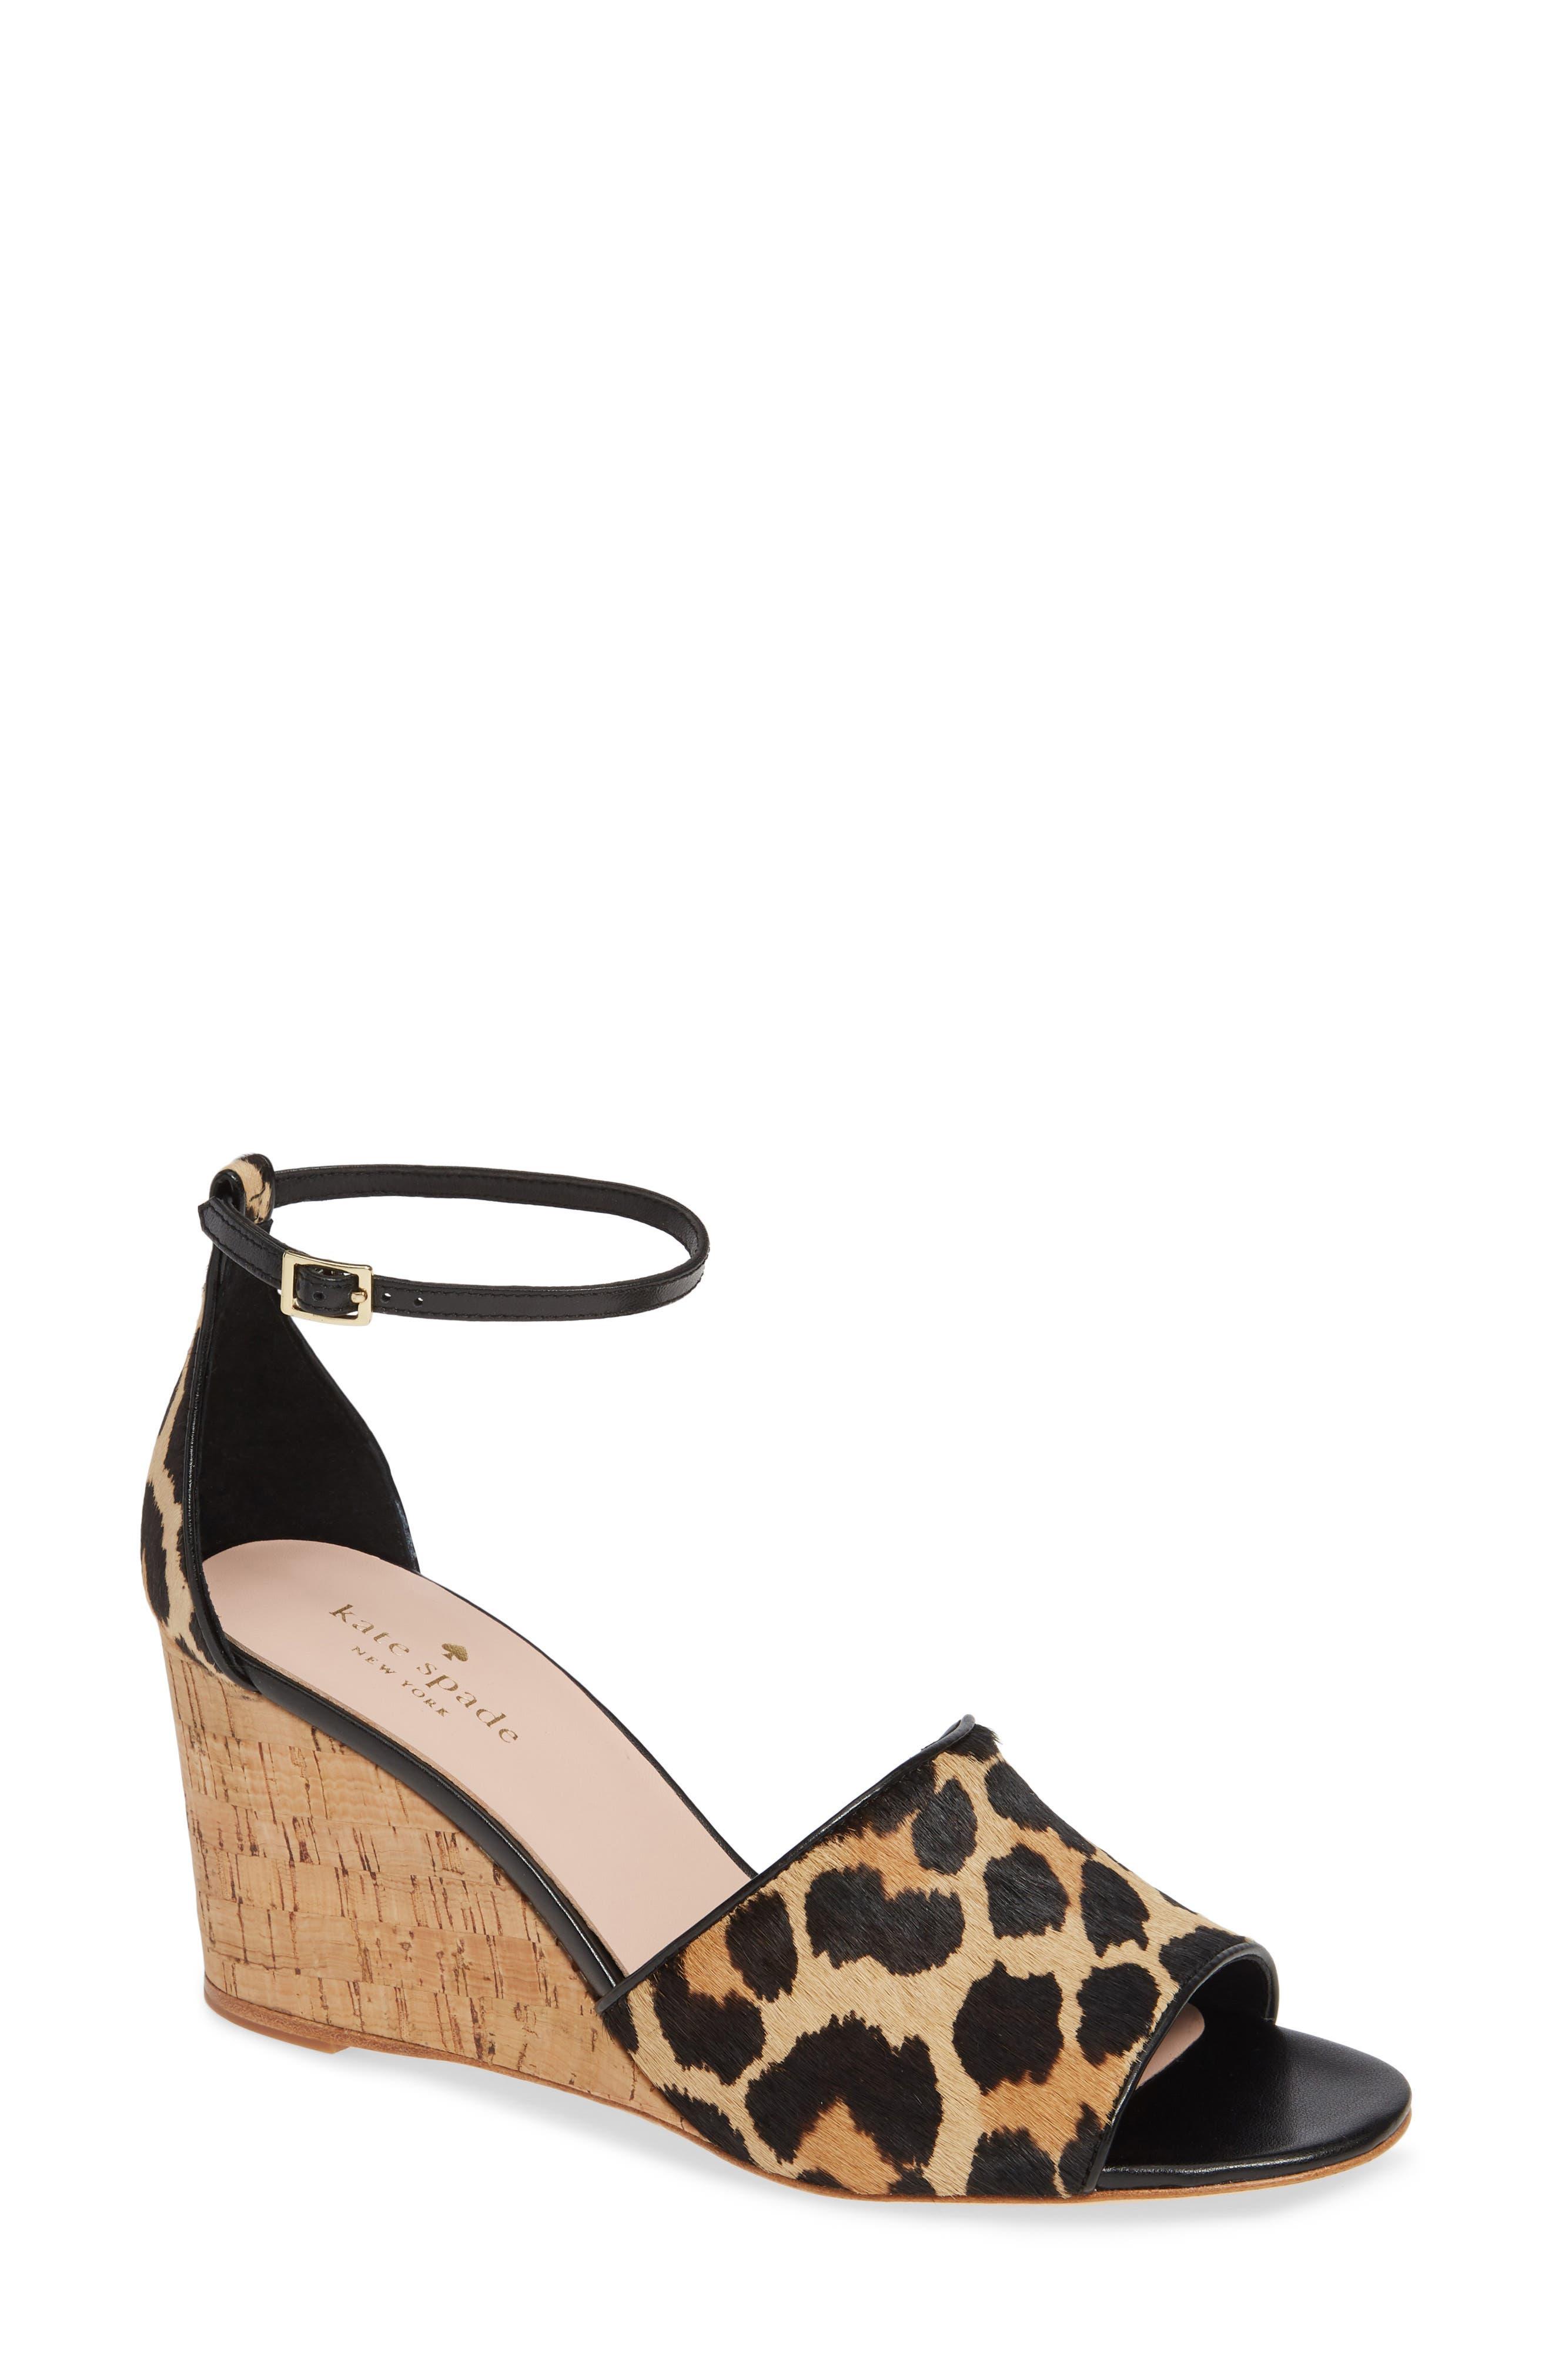 KATE SPADE NEW YORK,                             lonnie genuine calf hair wedge sandal,                             Main thumbnail 1, color,                             BLACK/ AMARETTO LEOPARD